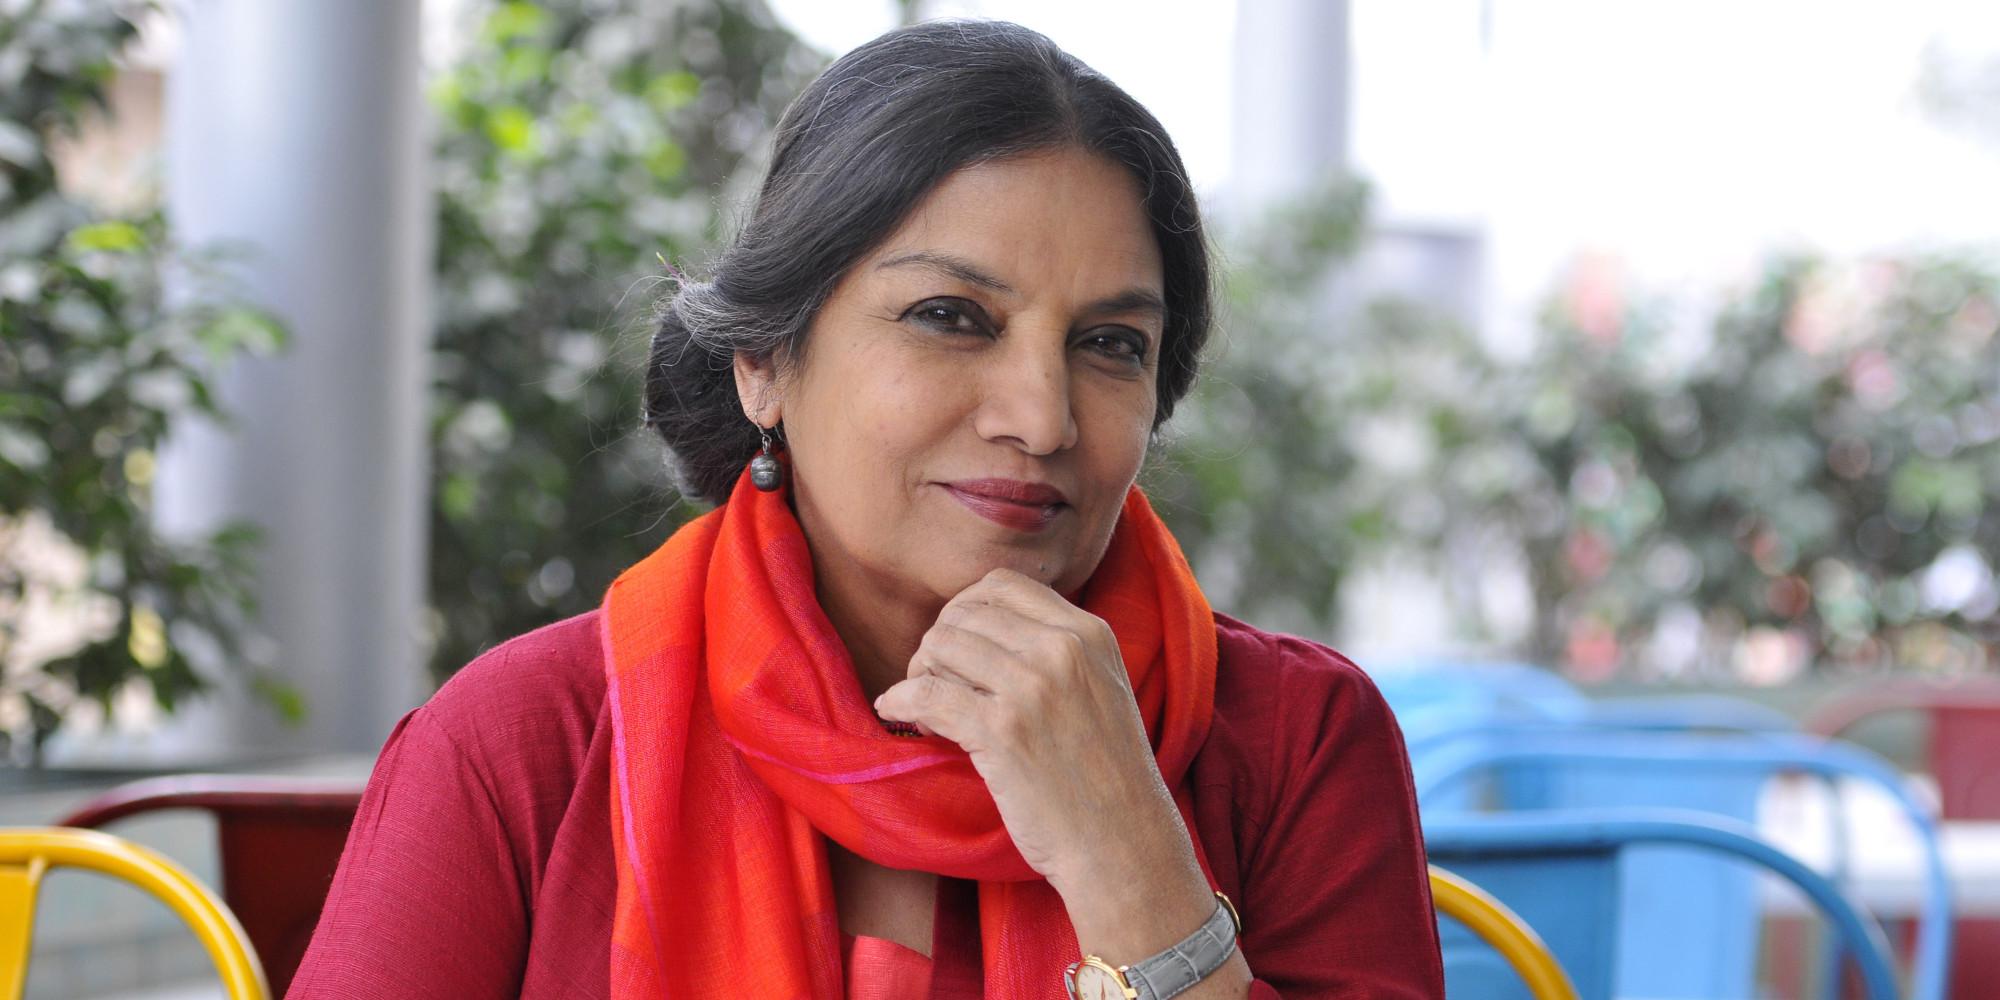 Shabana Azmi to work with Spielberg